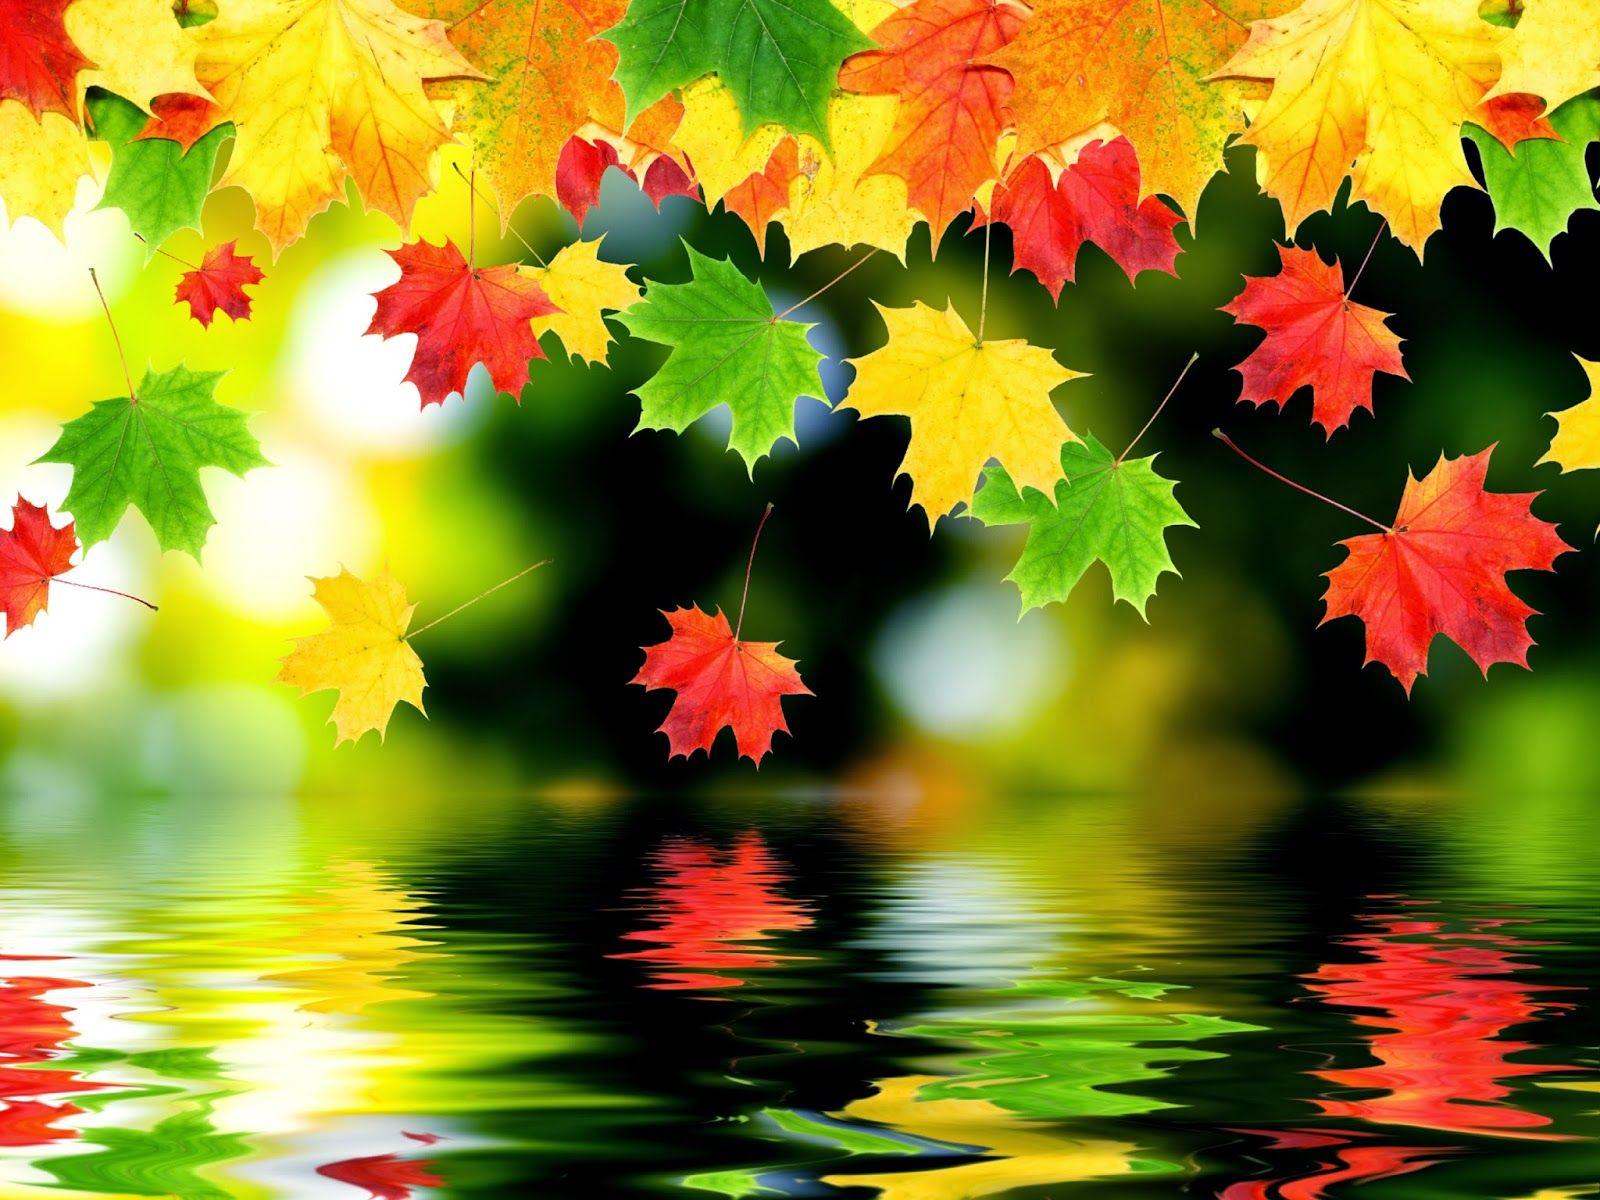 Beautiful Fall Desktop Wallpaper Download The Beautiful Autumn Wallpaper For Your Desktop In High Autumn Leaves Wallpaper Fall Wallpaper Nature Wallpaper